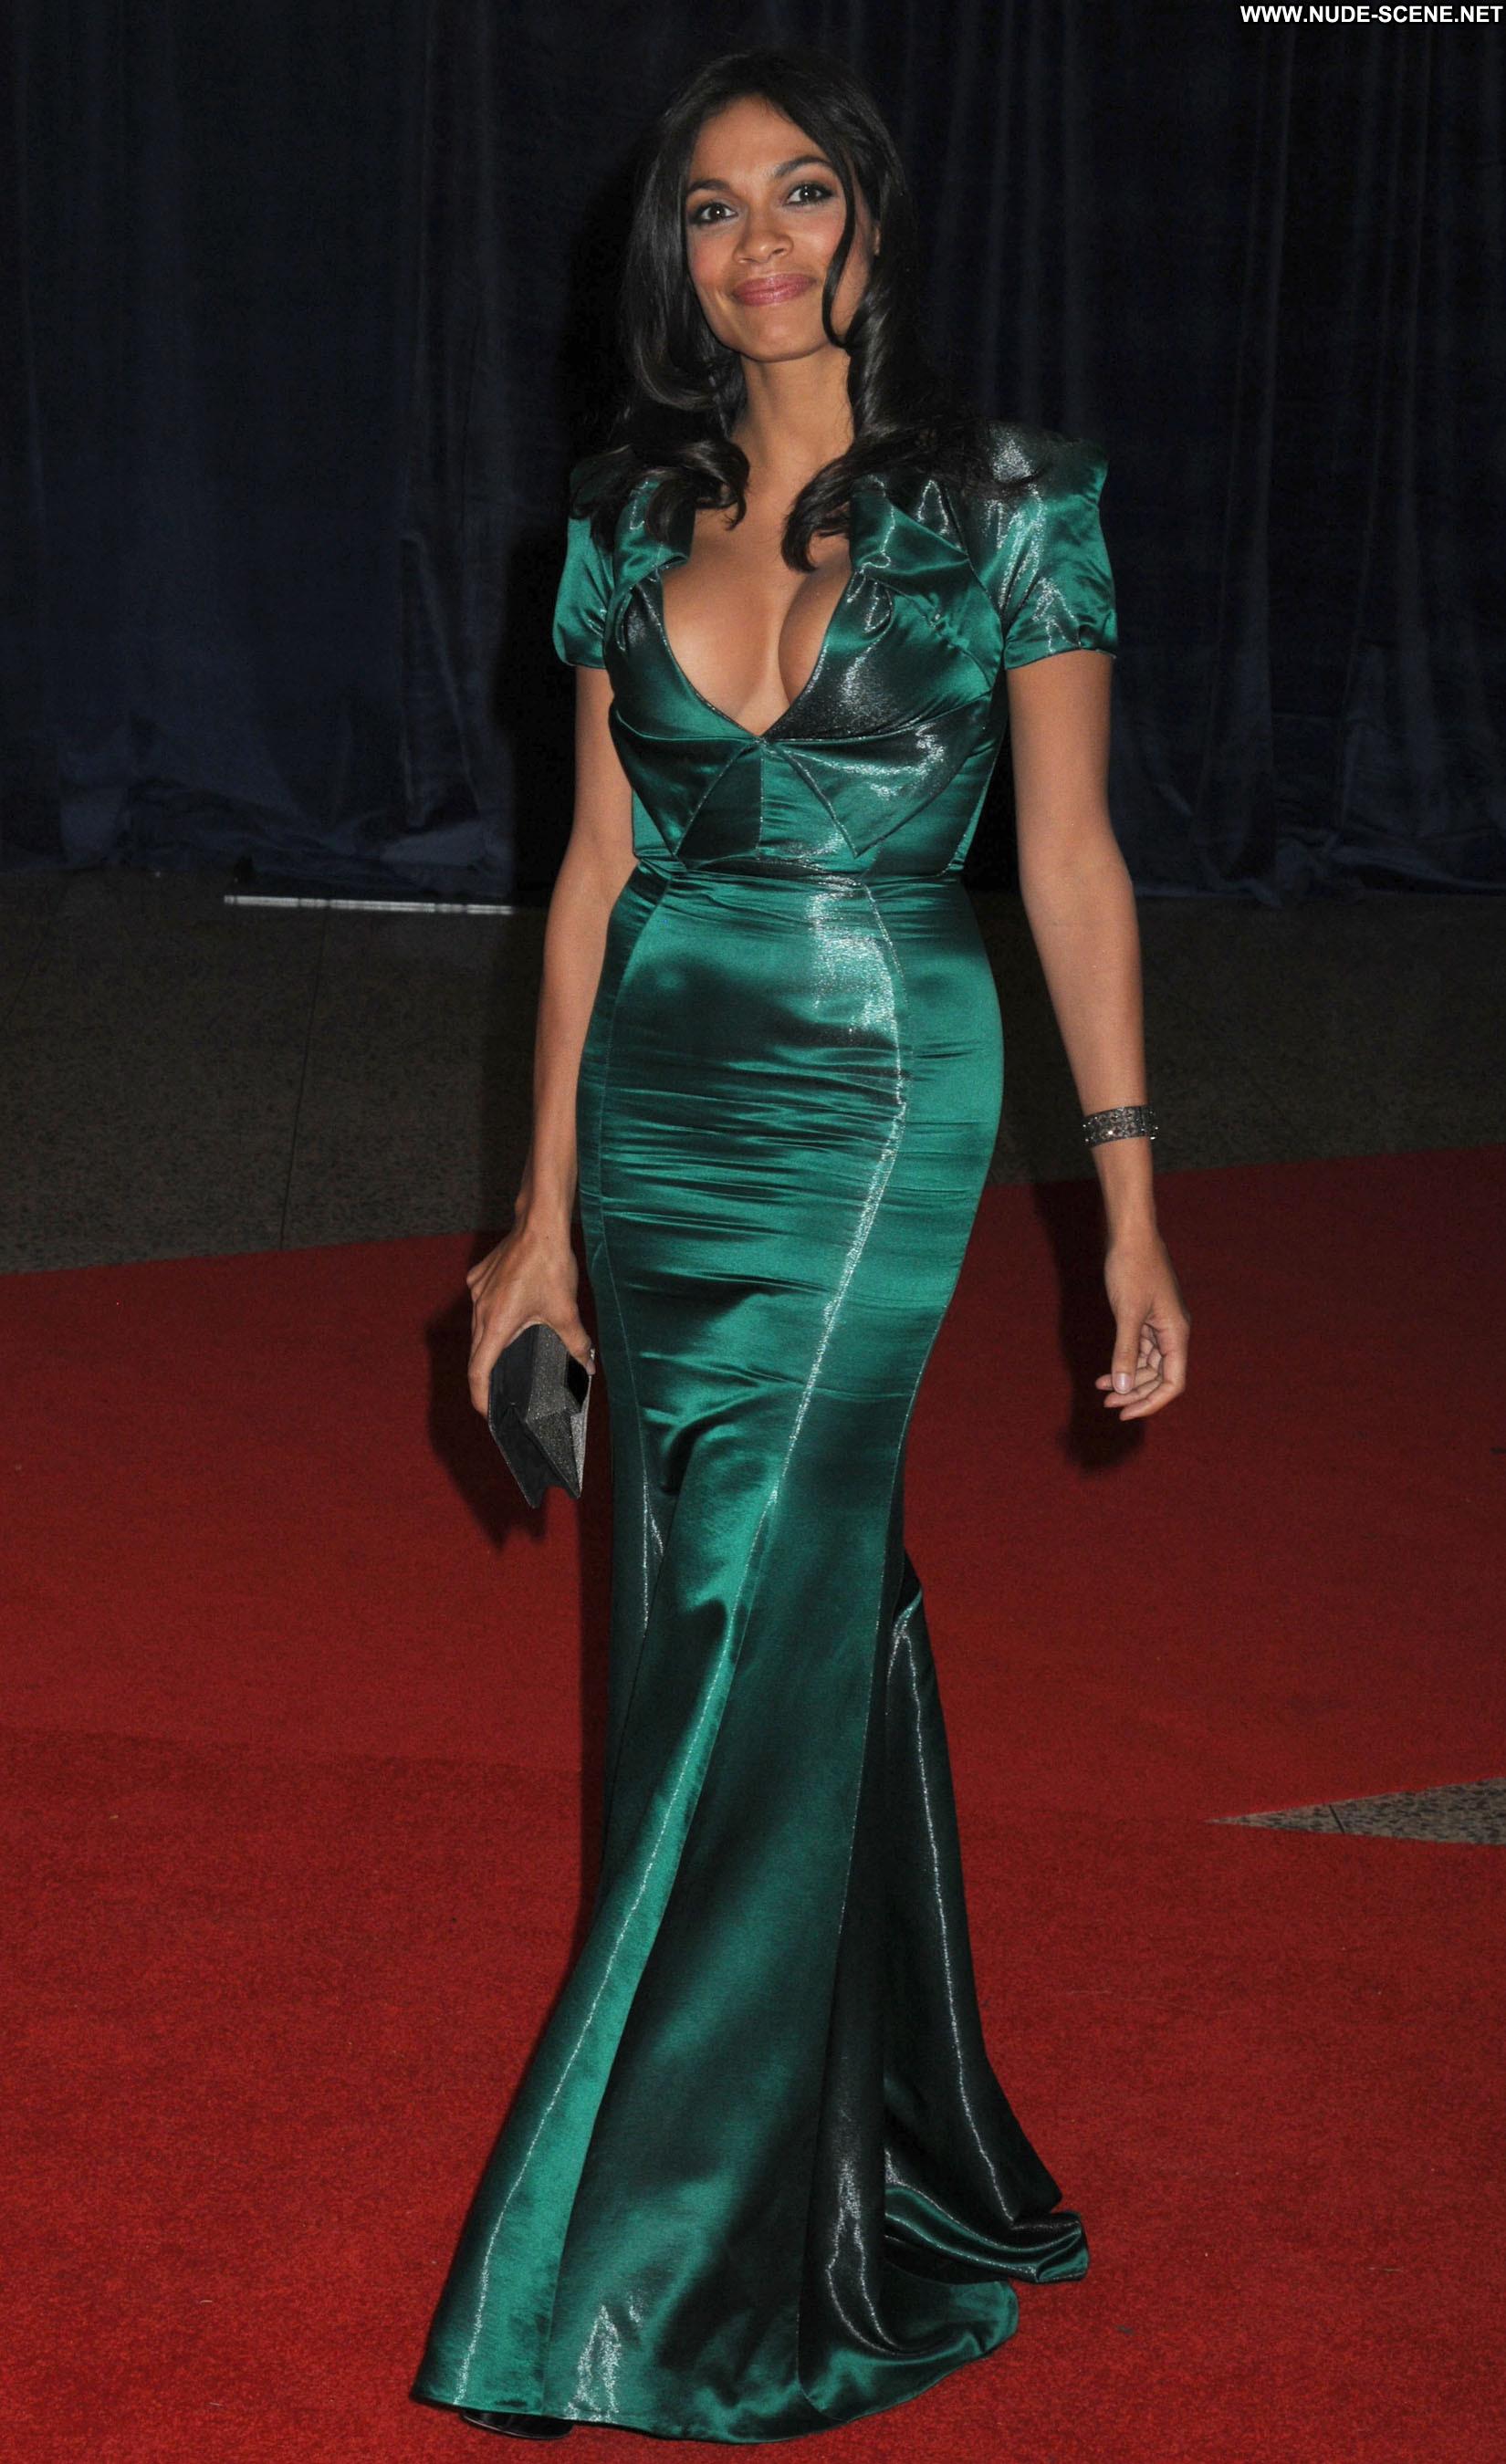 Rosario Dawson 17th Annual Screen Actors Guild Awards 17th